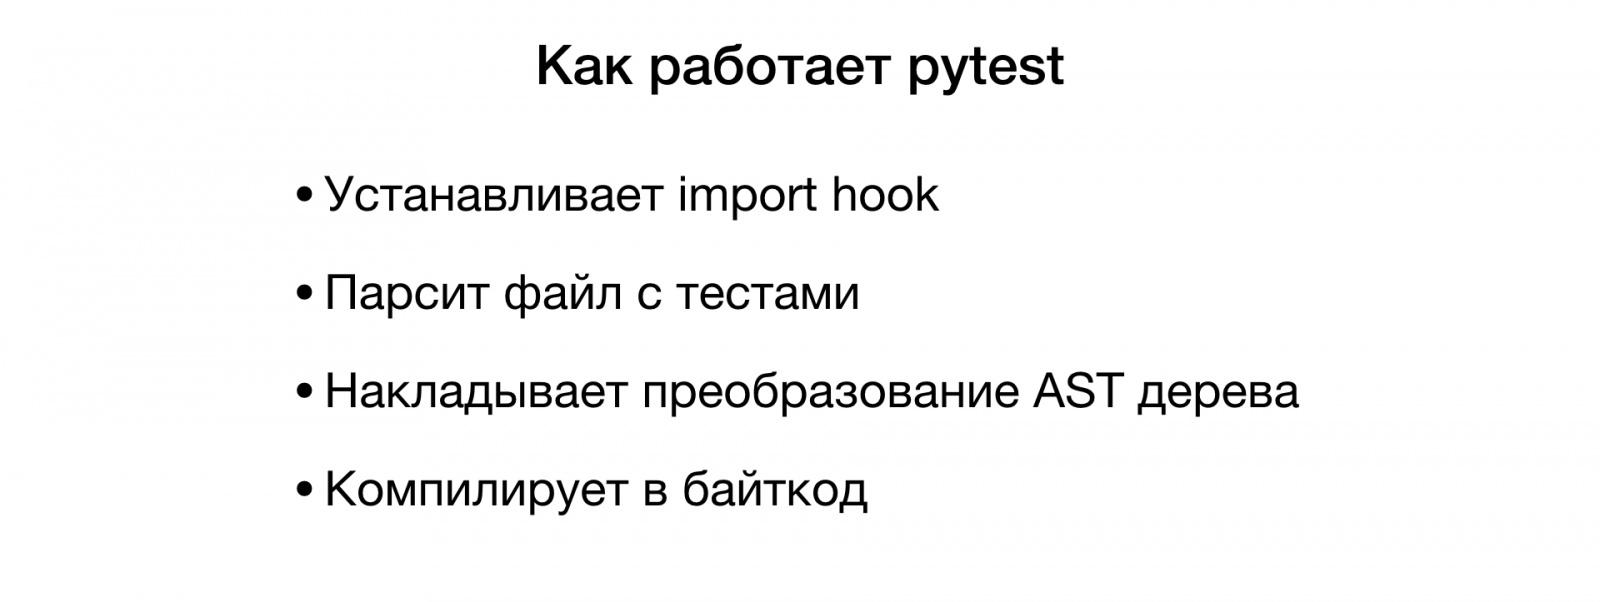 Макросы для питониста. Доклад Яндекса - 4